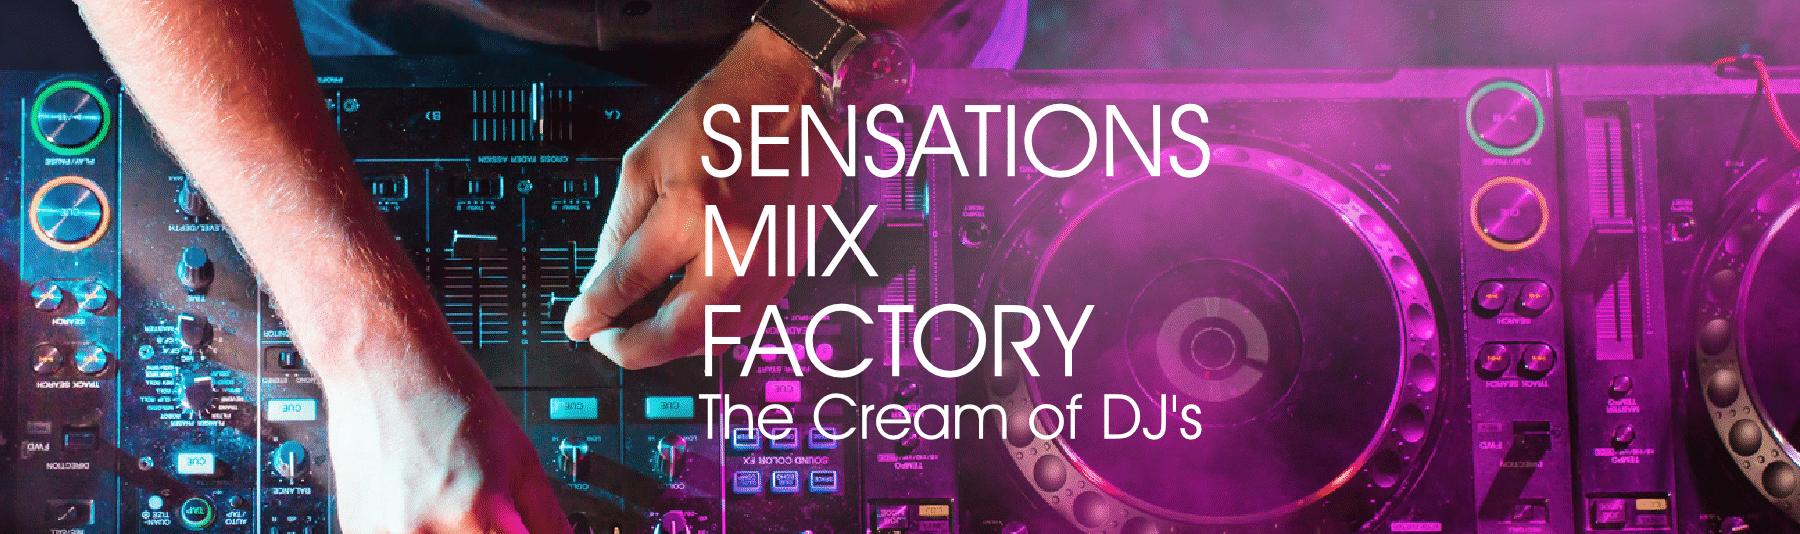 Sensations Miix Factory